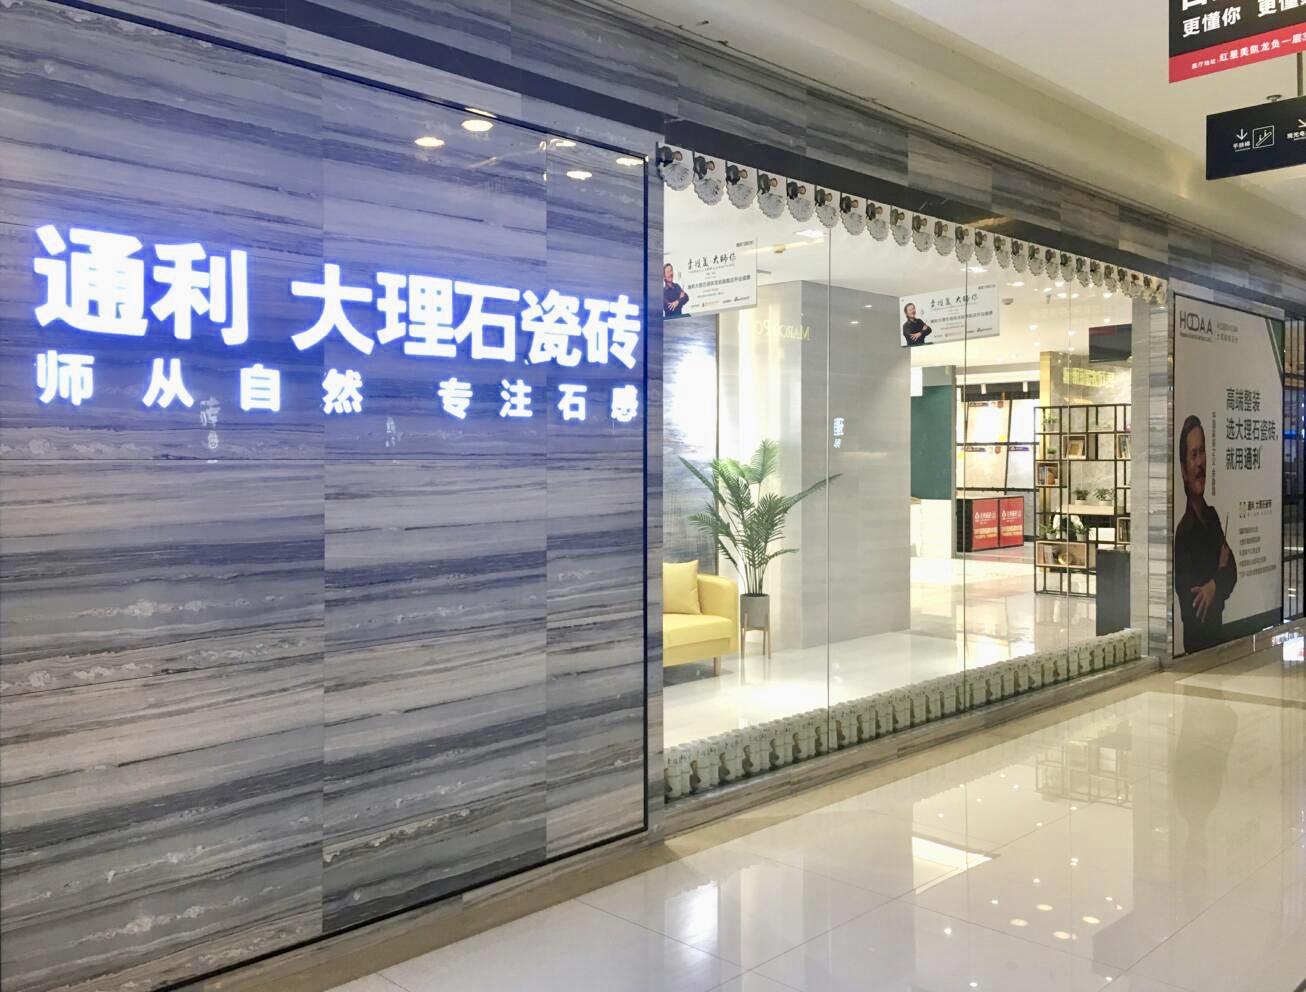 通利大理石瓷砖龙岩旗舰店 | 高雅格调,品质生活。